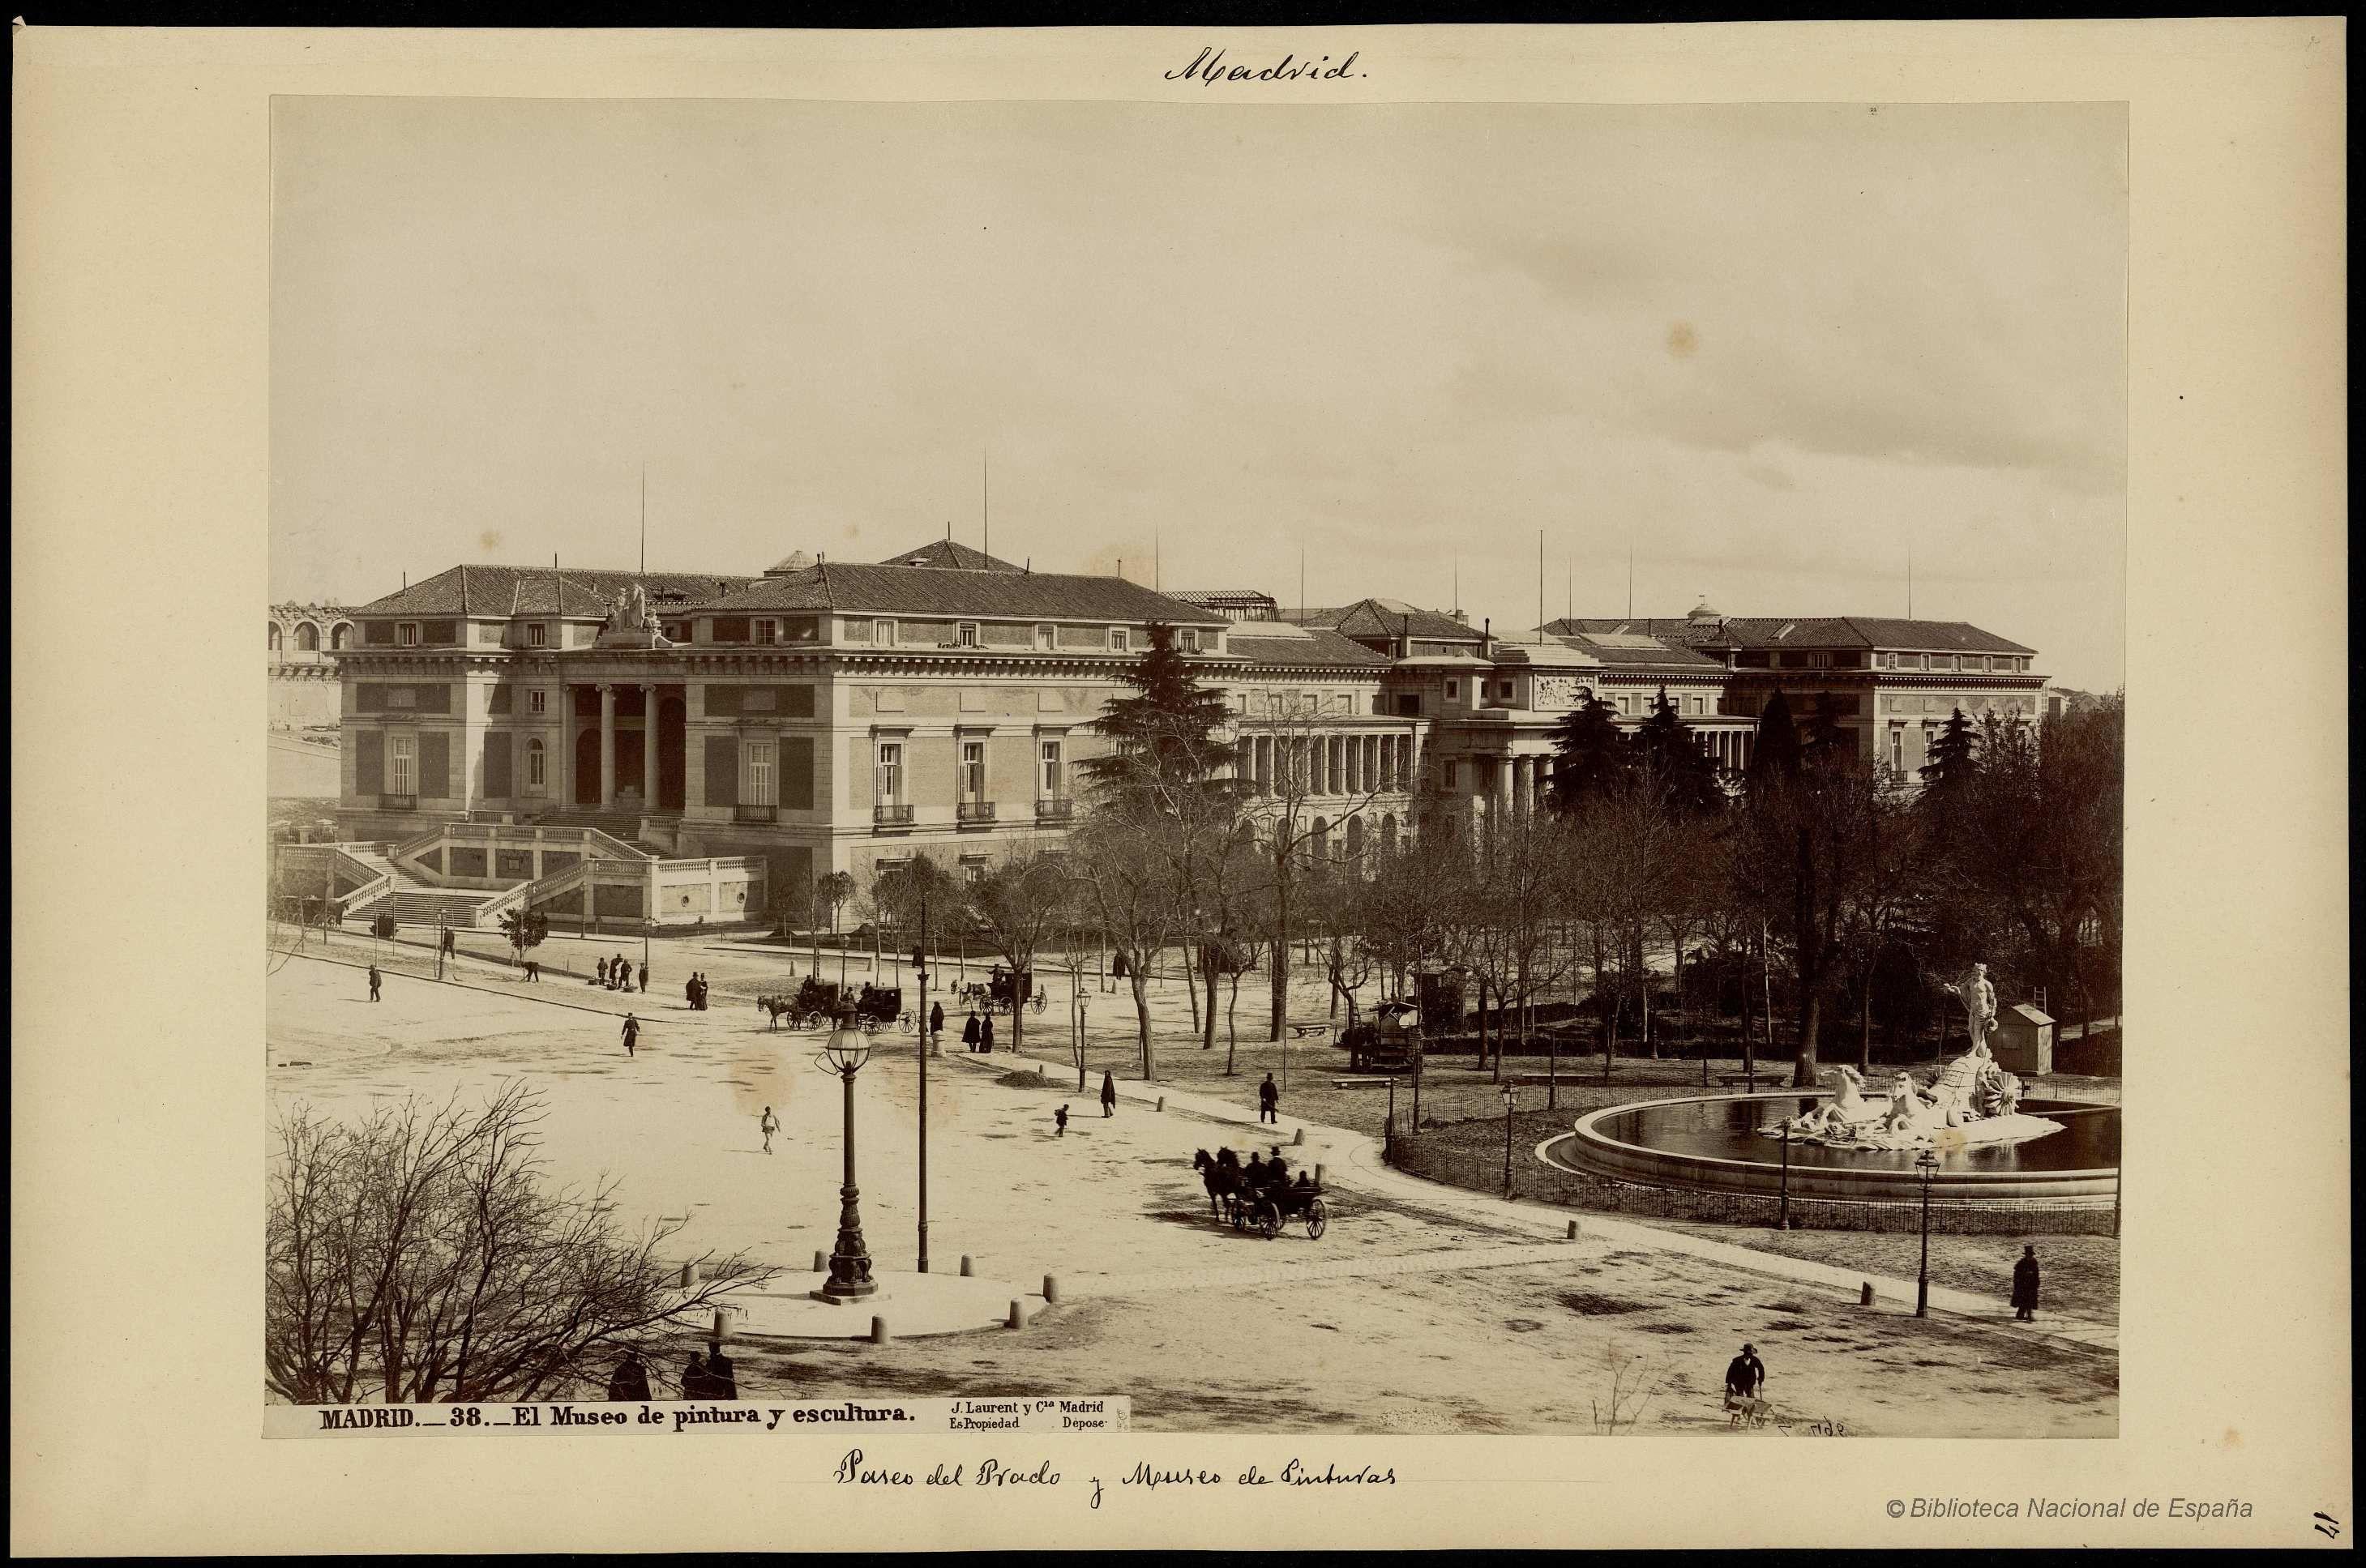 Madrid.. Laurent, J. 1816-1886 — Fotografía — 1870?